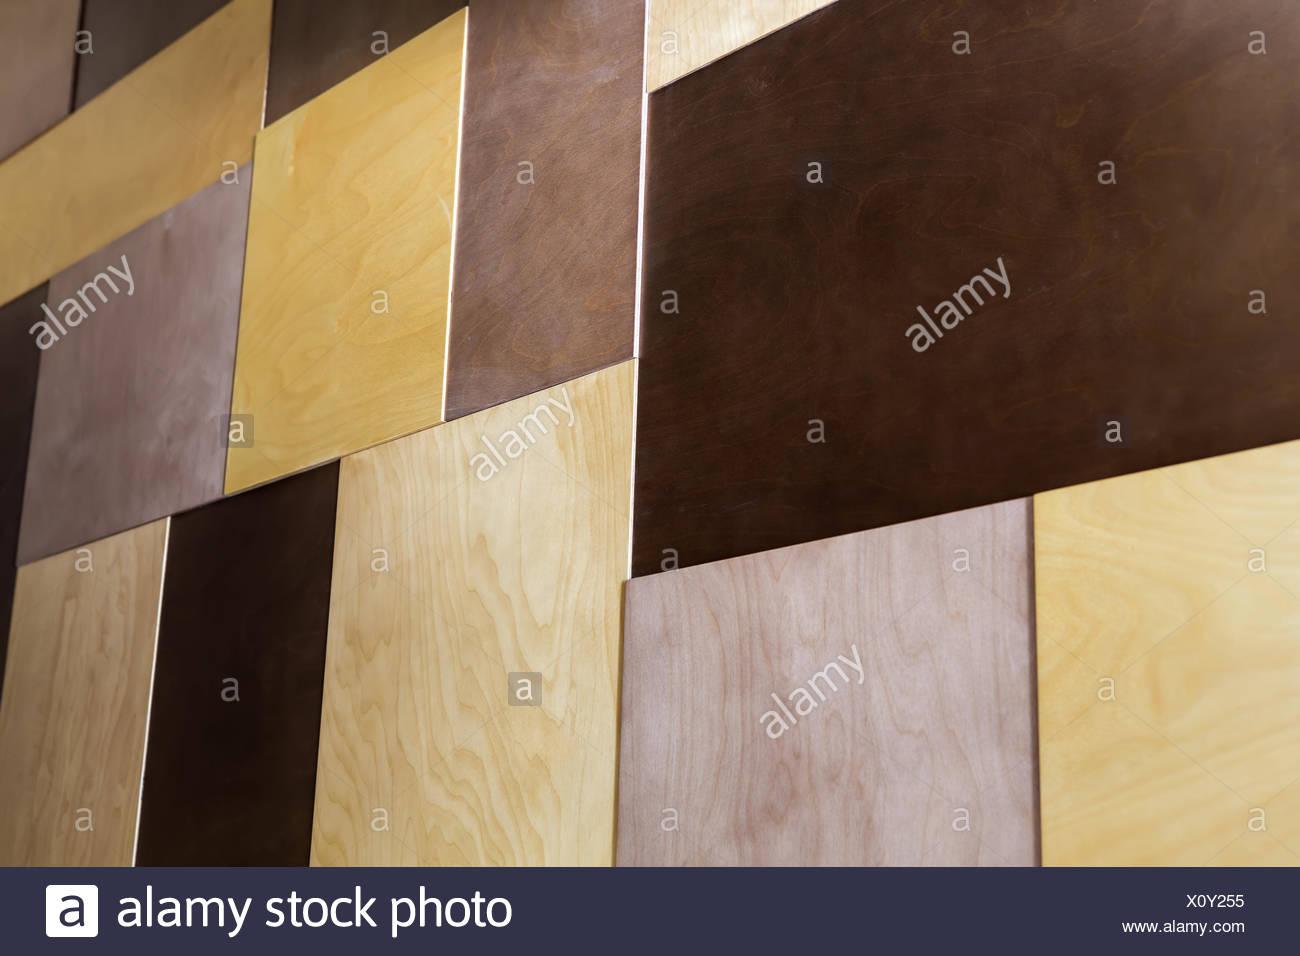 Colori Decorativi Per Pareti.Decorativi In Legno Compensato Di Piastrelle In Colori Diversi